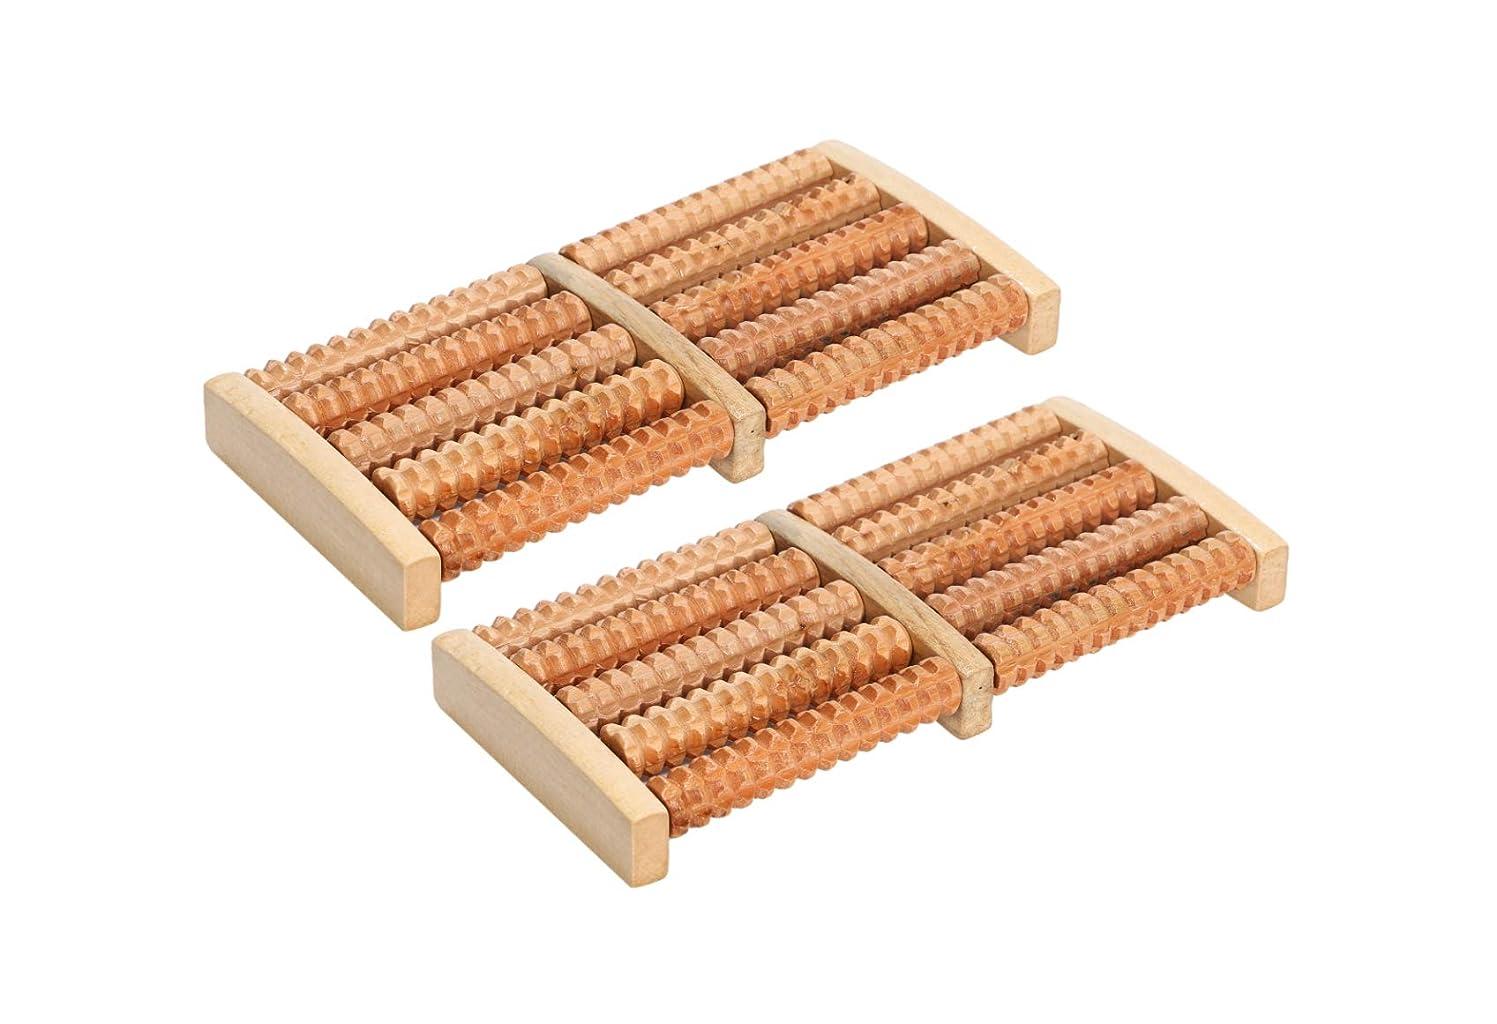 不条理応じるアロングほうねん堂 足つぼ ローラー 木製 足裏 マッサージ ツボ押し 健康器具 2個 セット